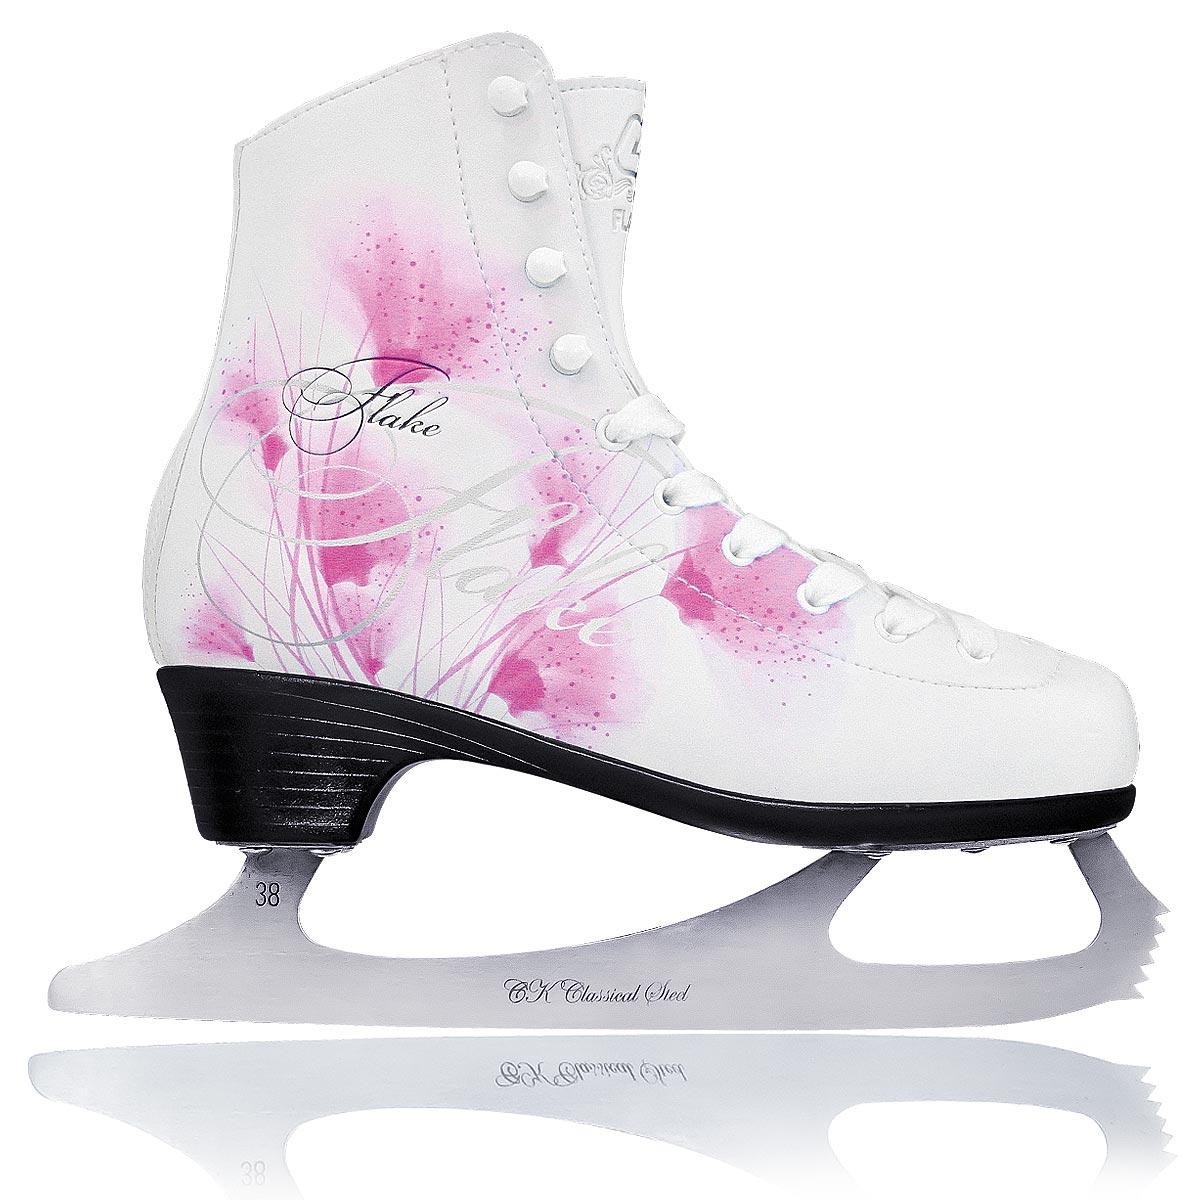 Коньки фигурные женские CK Flake Leather, цвет: белый, фуксия. Размер 39FLAKE leather_белый, фуксия_39Фигурные коньки от CK Flake Leather идеально подойдут для любительского катания. Модель выполнена из современной морозоустойчивой искусственной кожи с высокой, плотной колодкой и усиленным задником, обеспечивающим боковую поддержку ноги. Внутренняя поверхность из натуральной кожи обеспечивает удобство во время движения. Анатомический язычок из войлока и искусственной кожи идеально облегает стопу и повышает комфорт. Стелька из упругого пенного полимерного материала EVA предназначена для быстрой адаптации ботинка к индивидуальным формам ноги и ее комфортного положения. Ботинок полностью обволакивает ногу, обеспечивает прочную и удобную фиксацию ноги, а также повышенную защиту от ударов. Модель фиксируется на ноге классической шнуровкой. Лезвие выполнено из нержавеющей стали, оно обладает высокой твердостью и долго держит заточку. Модель имеет запатентованную форму лезвия. Уменьшенная передняя пластина и расположение точек опоры стоек оптимально располагают переднюю точку баланса и позволяют улучшить контроль при опоре на переднюю часть конька. Новая запатентованная подошва Graceful обладает элегантным дизайном, повышенной твердостью и пониженным весом. Более высокий каблук делает ногу более изящной и стройной, а также повышает управляемость и маневренность конька.